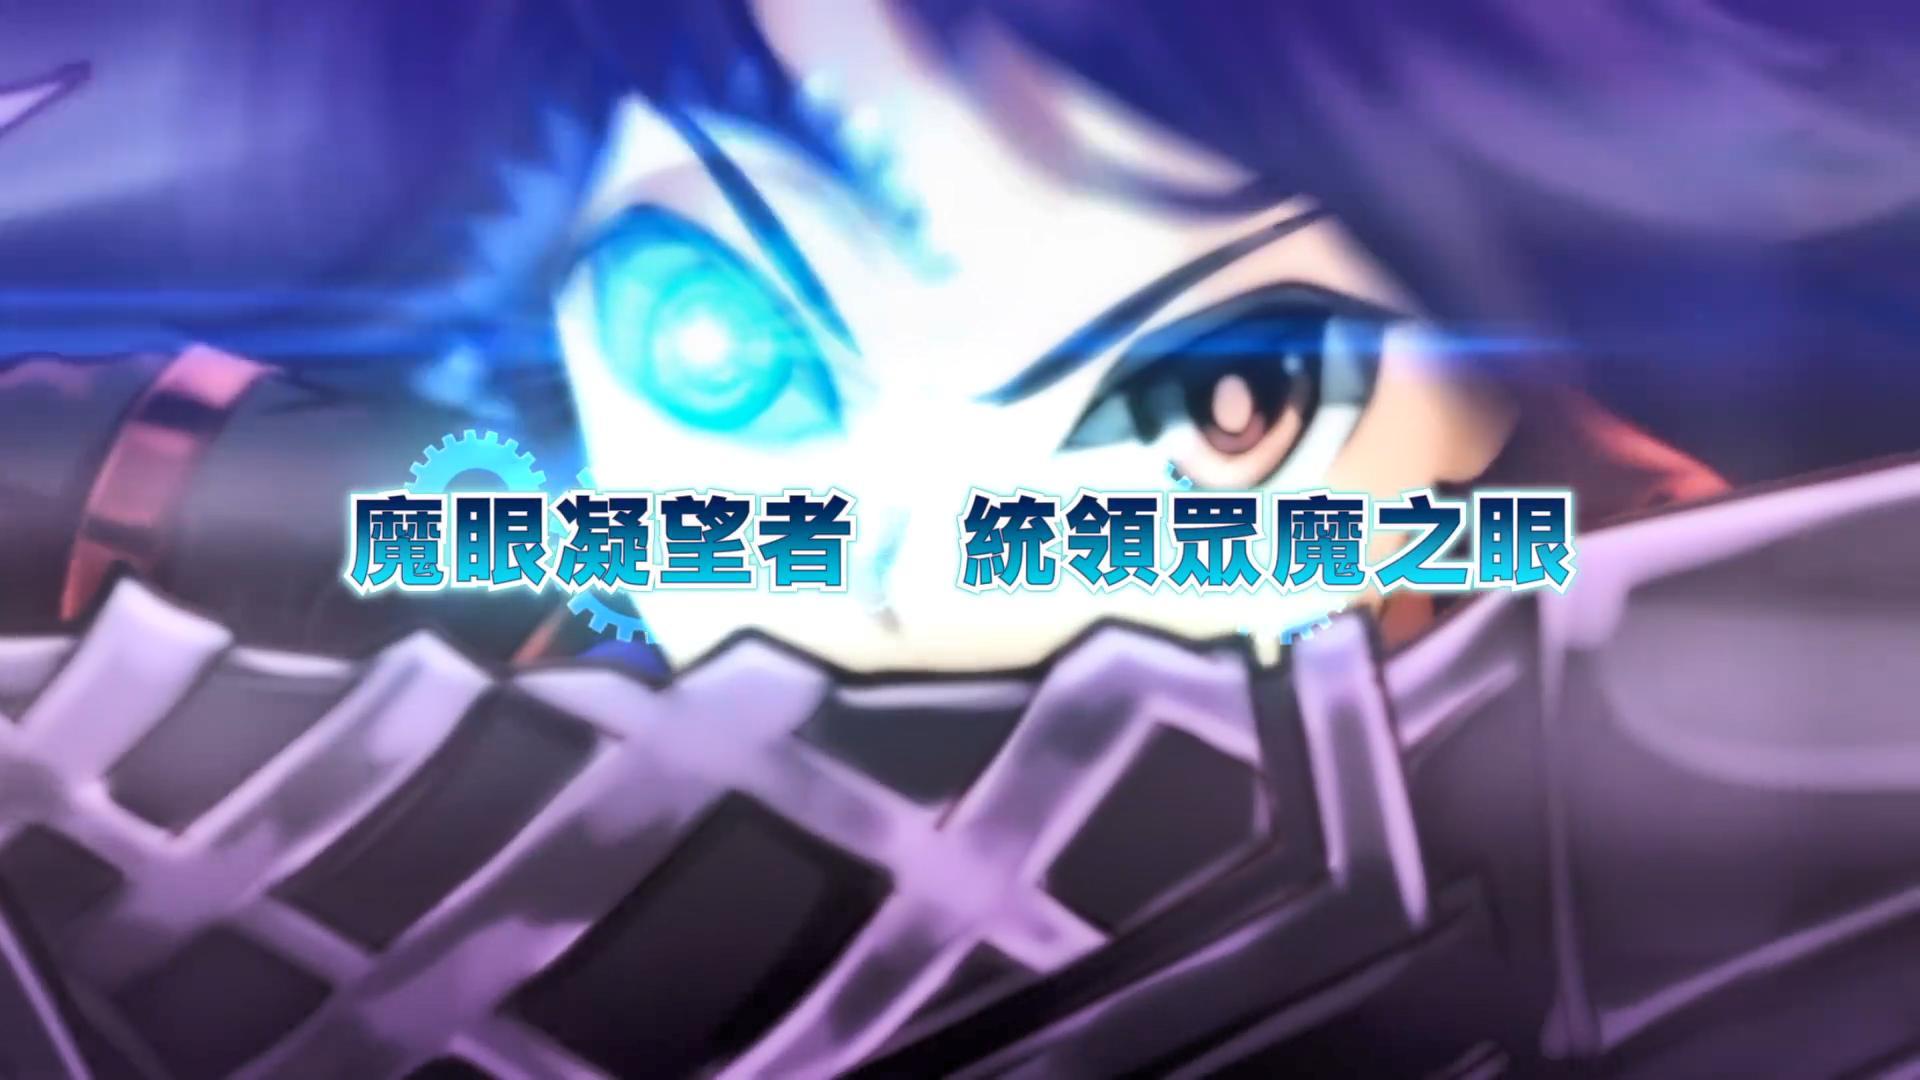 《魔眼凝望EXTRA》中文版公布 12月9日登陆NS和PS4